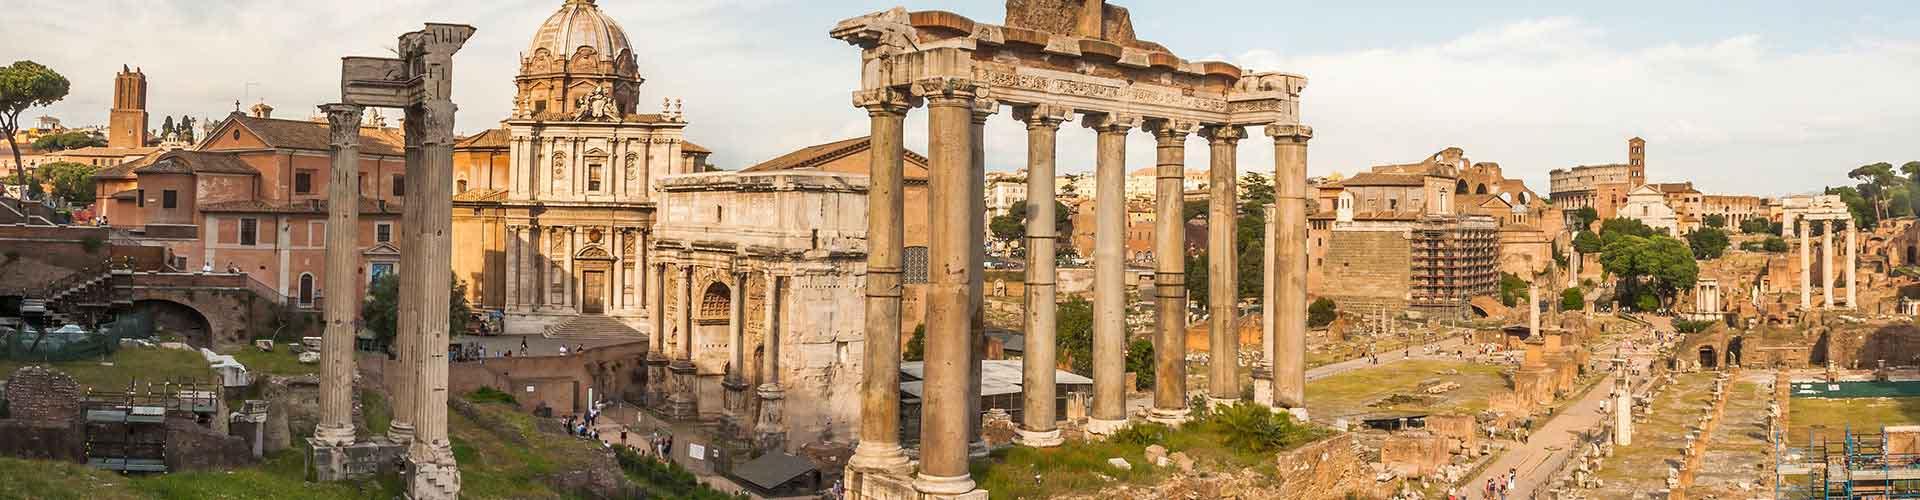 Roma - Albergues Juveniles cerca a Foro Romano. Mapas de Roma, Fotos y Comentarios para cada Albergue Juvenil en Roma.